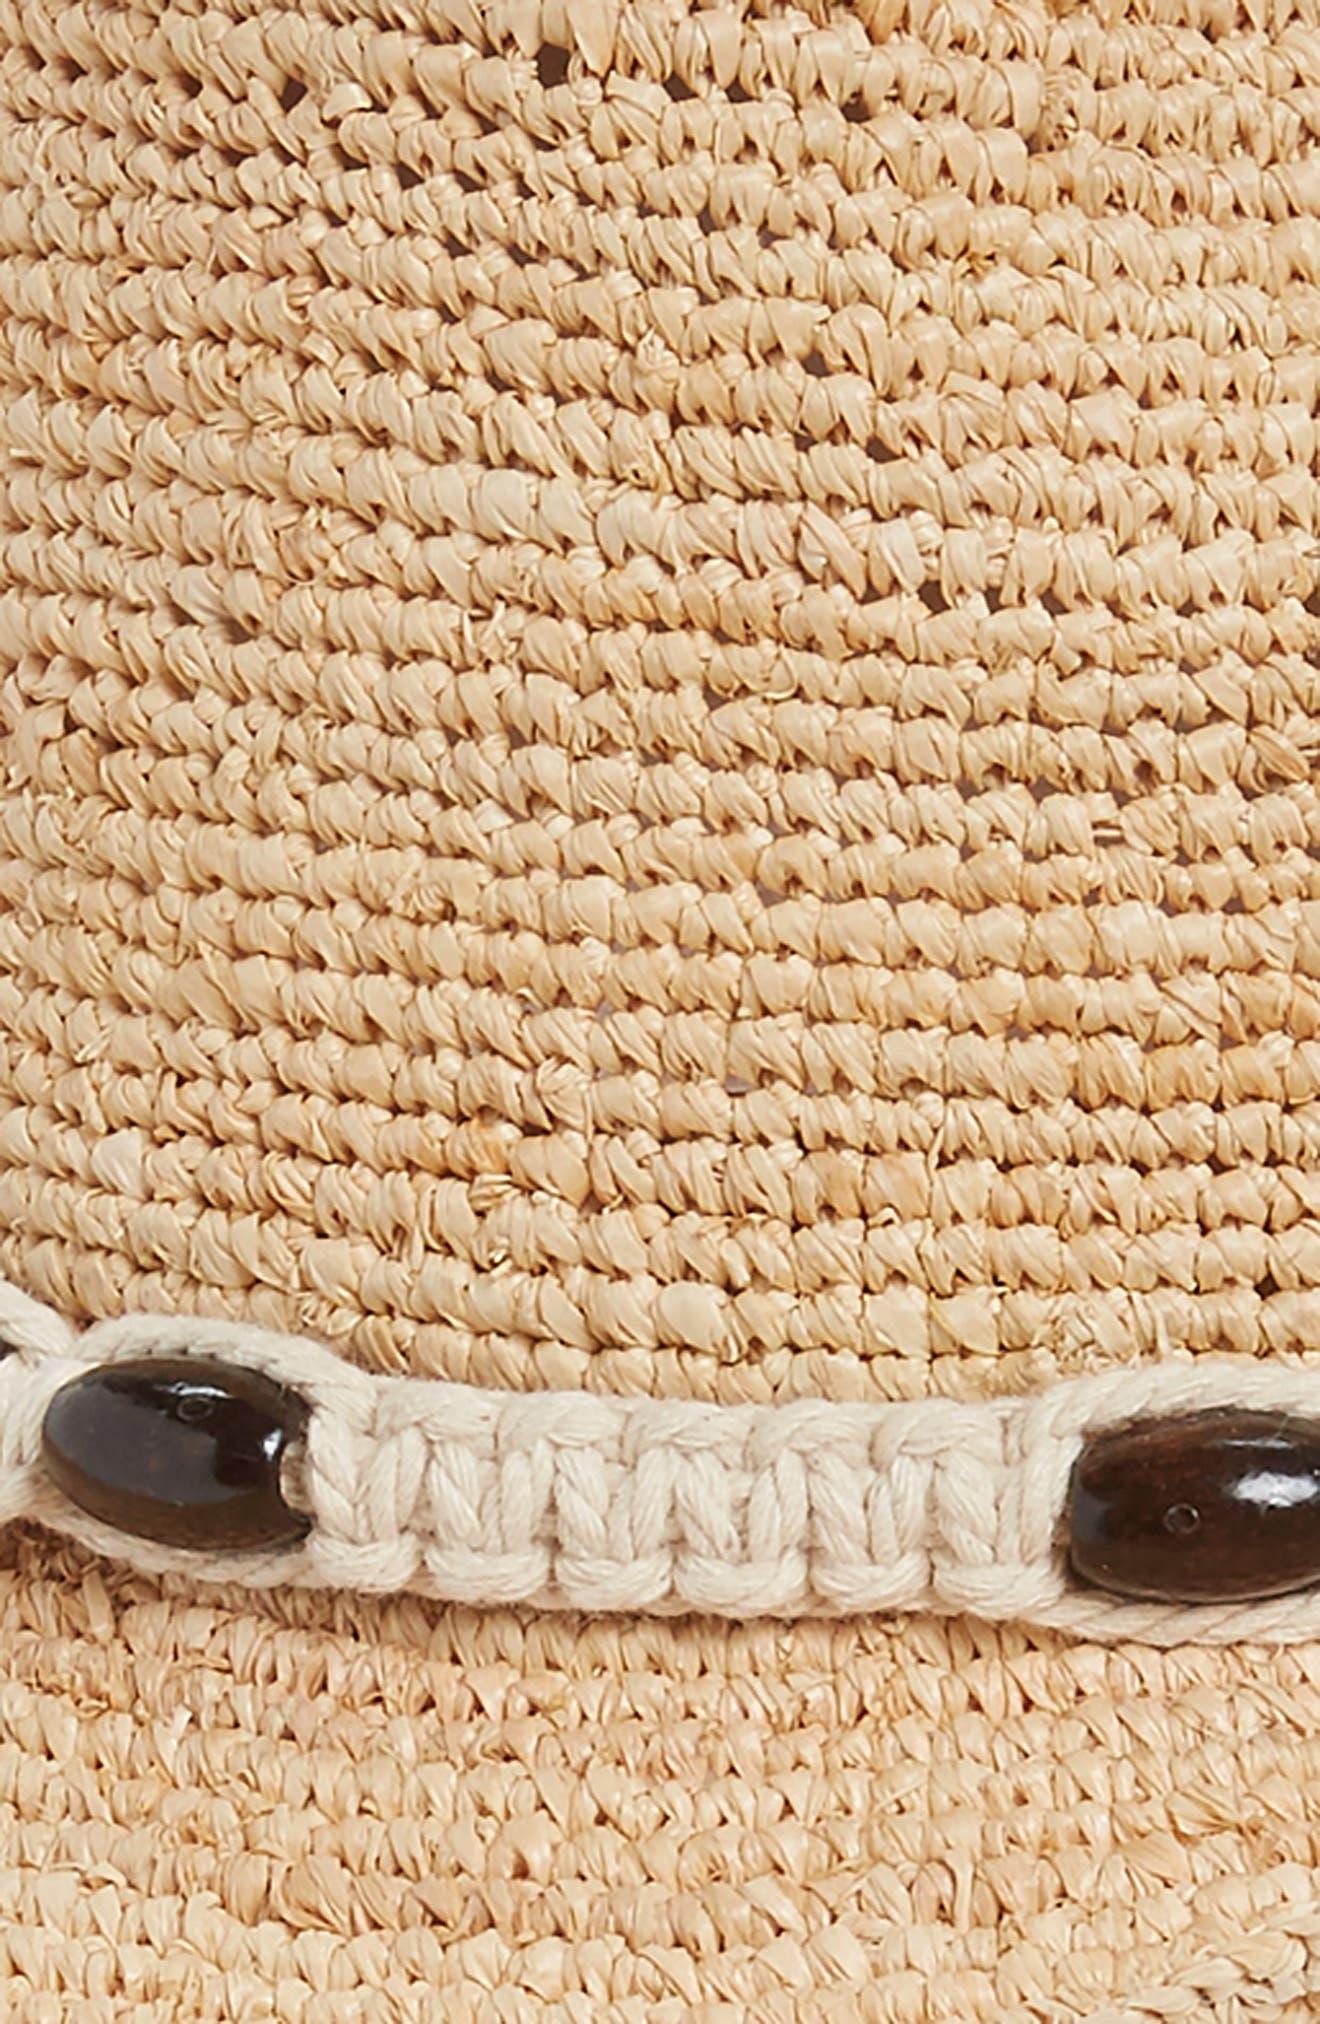 Raffia Cowboy Hat with Macramé Trim,                             Alternate thumbnail 2, color,                             Natural Combo